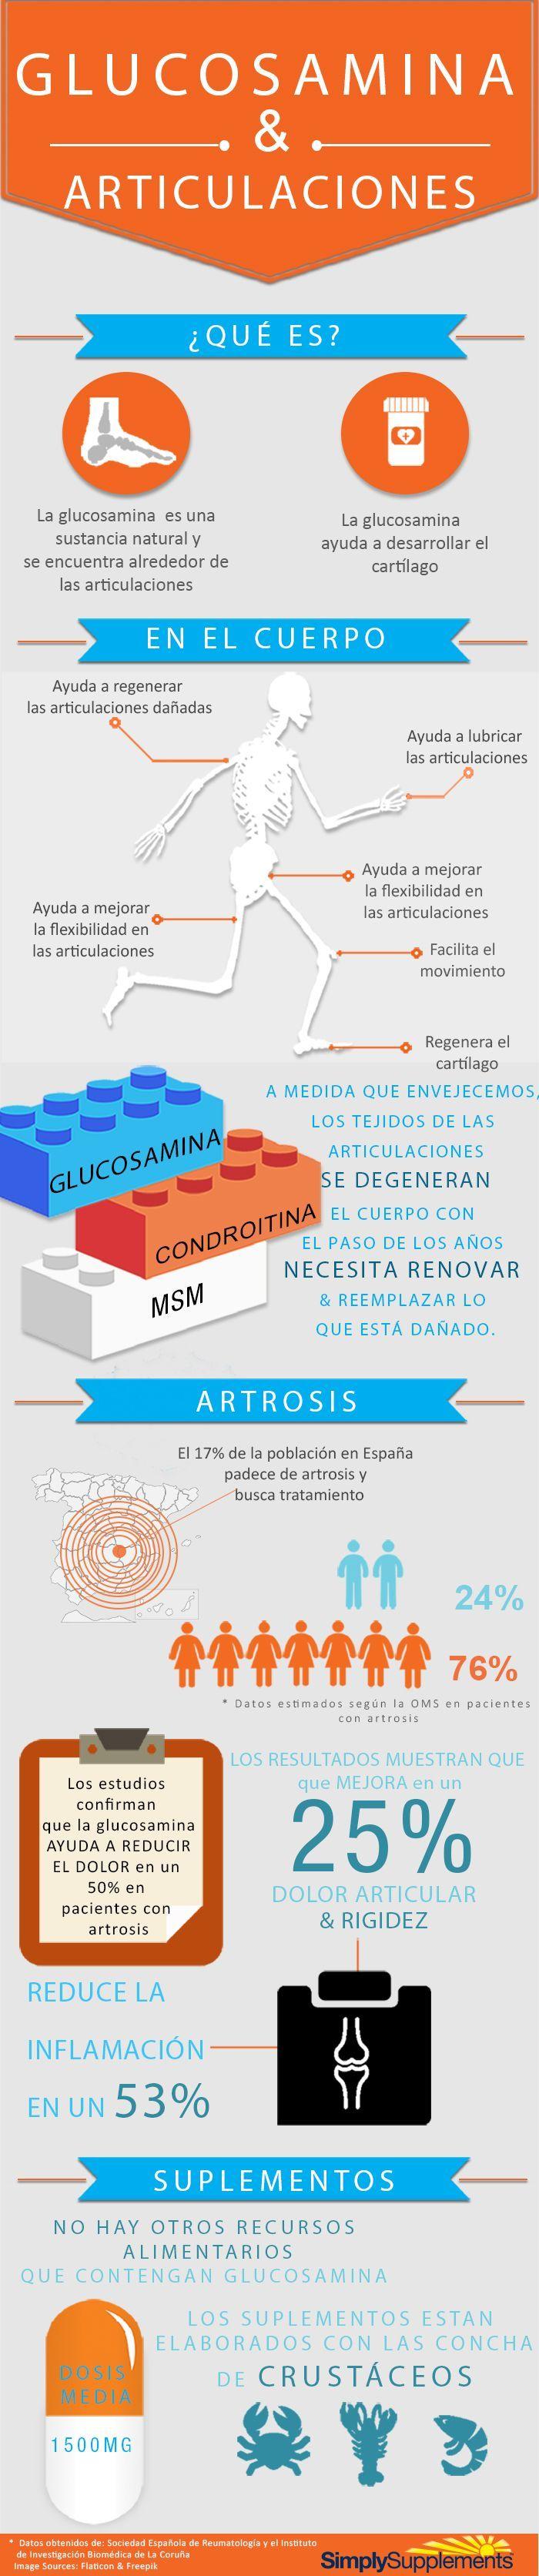 Que es la glucosamina y como afecta a tus articulaciones. #salud #infografia #glucosamina